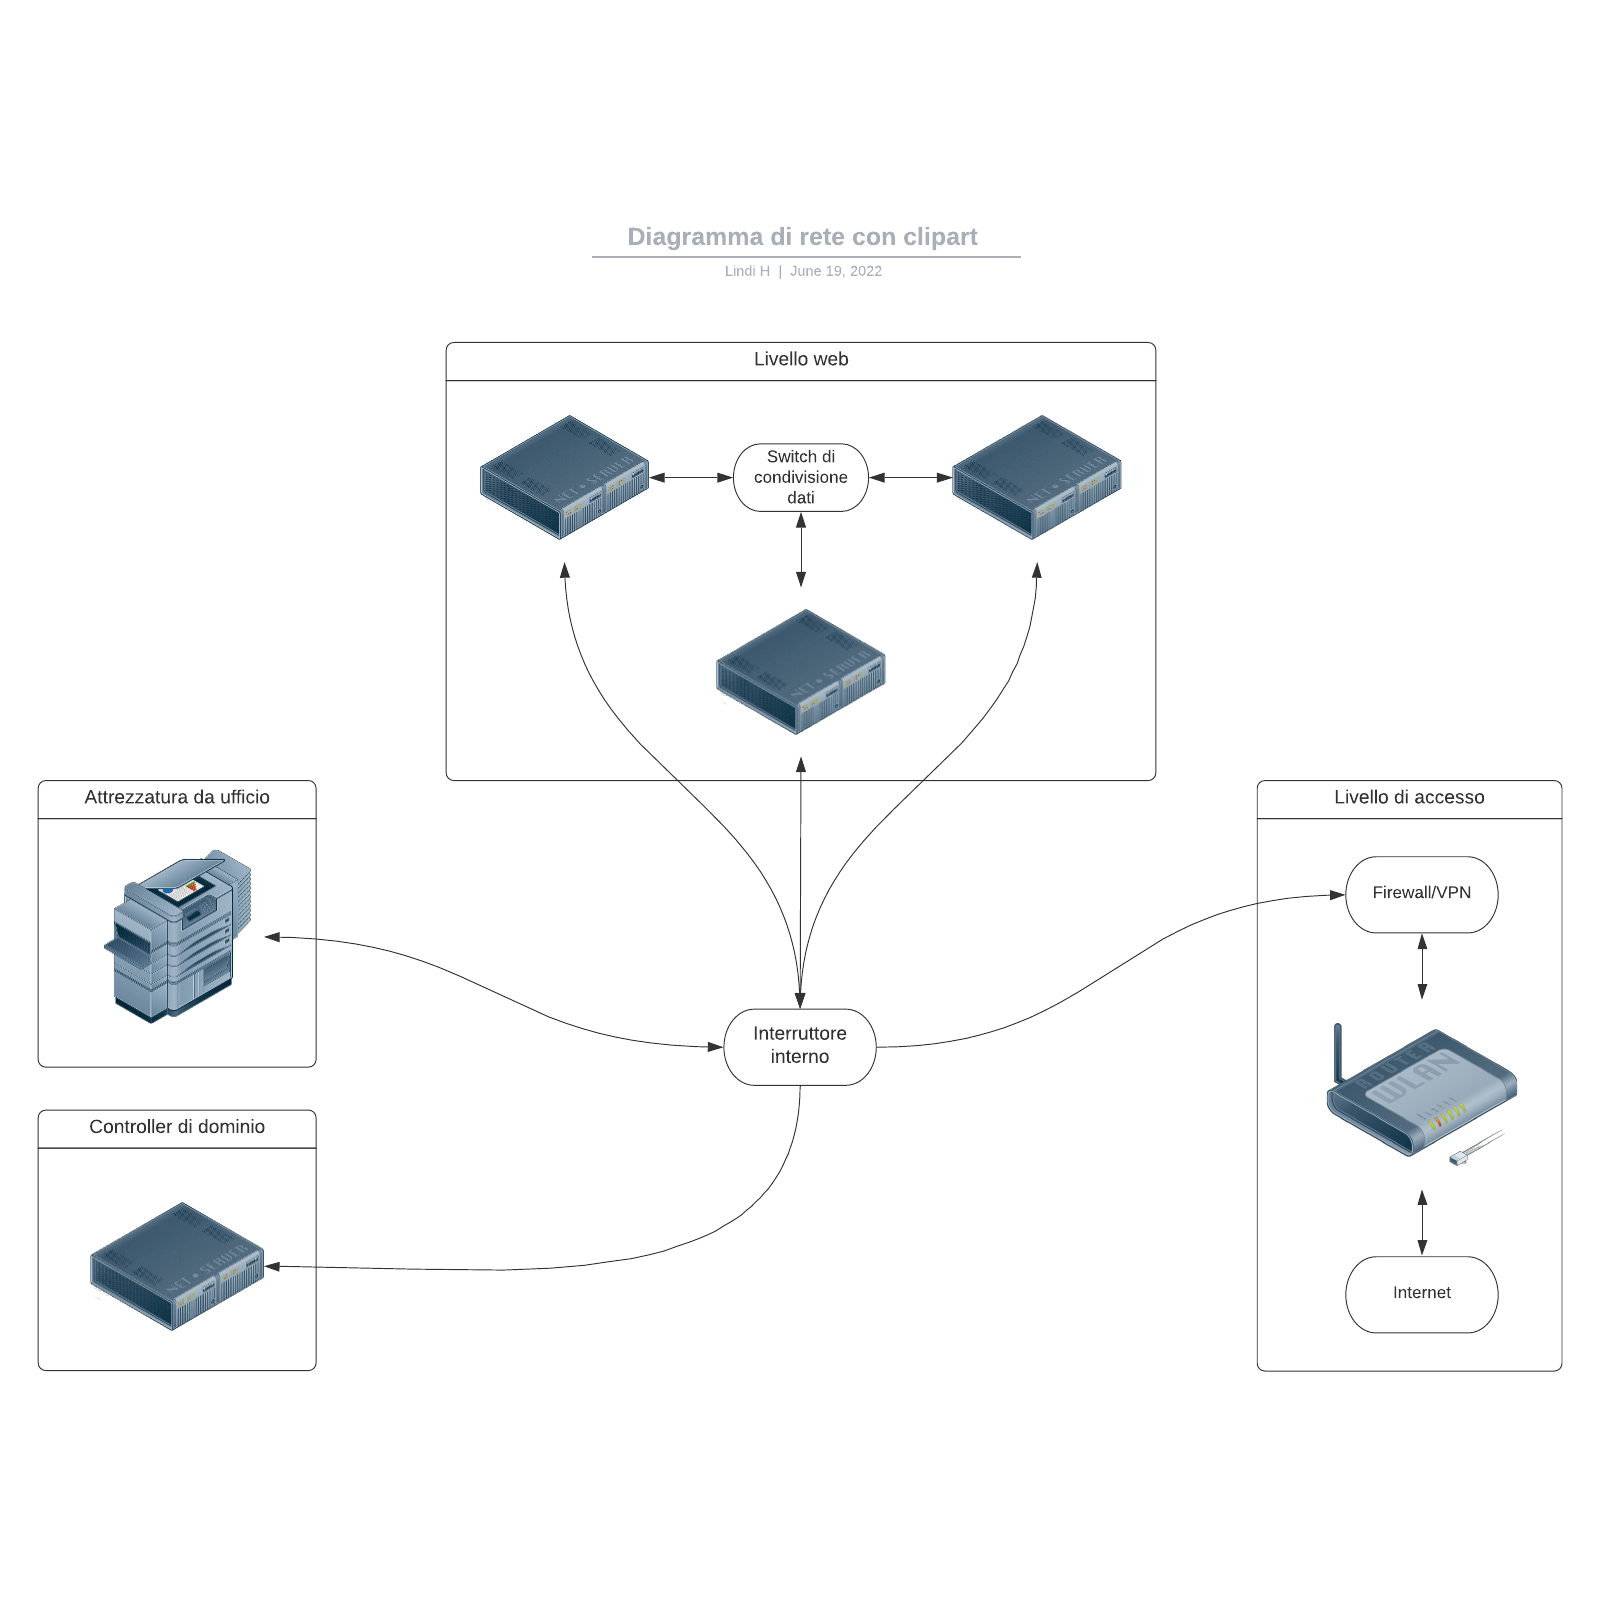 Diagramma di rete con clipart